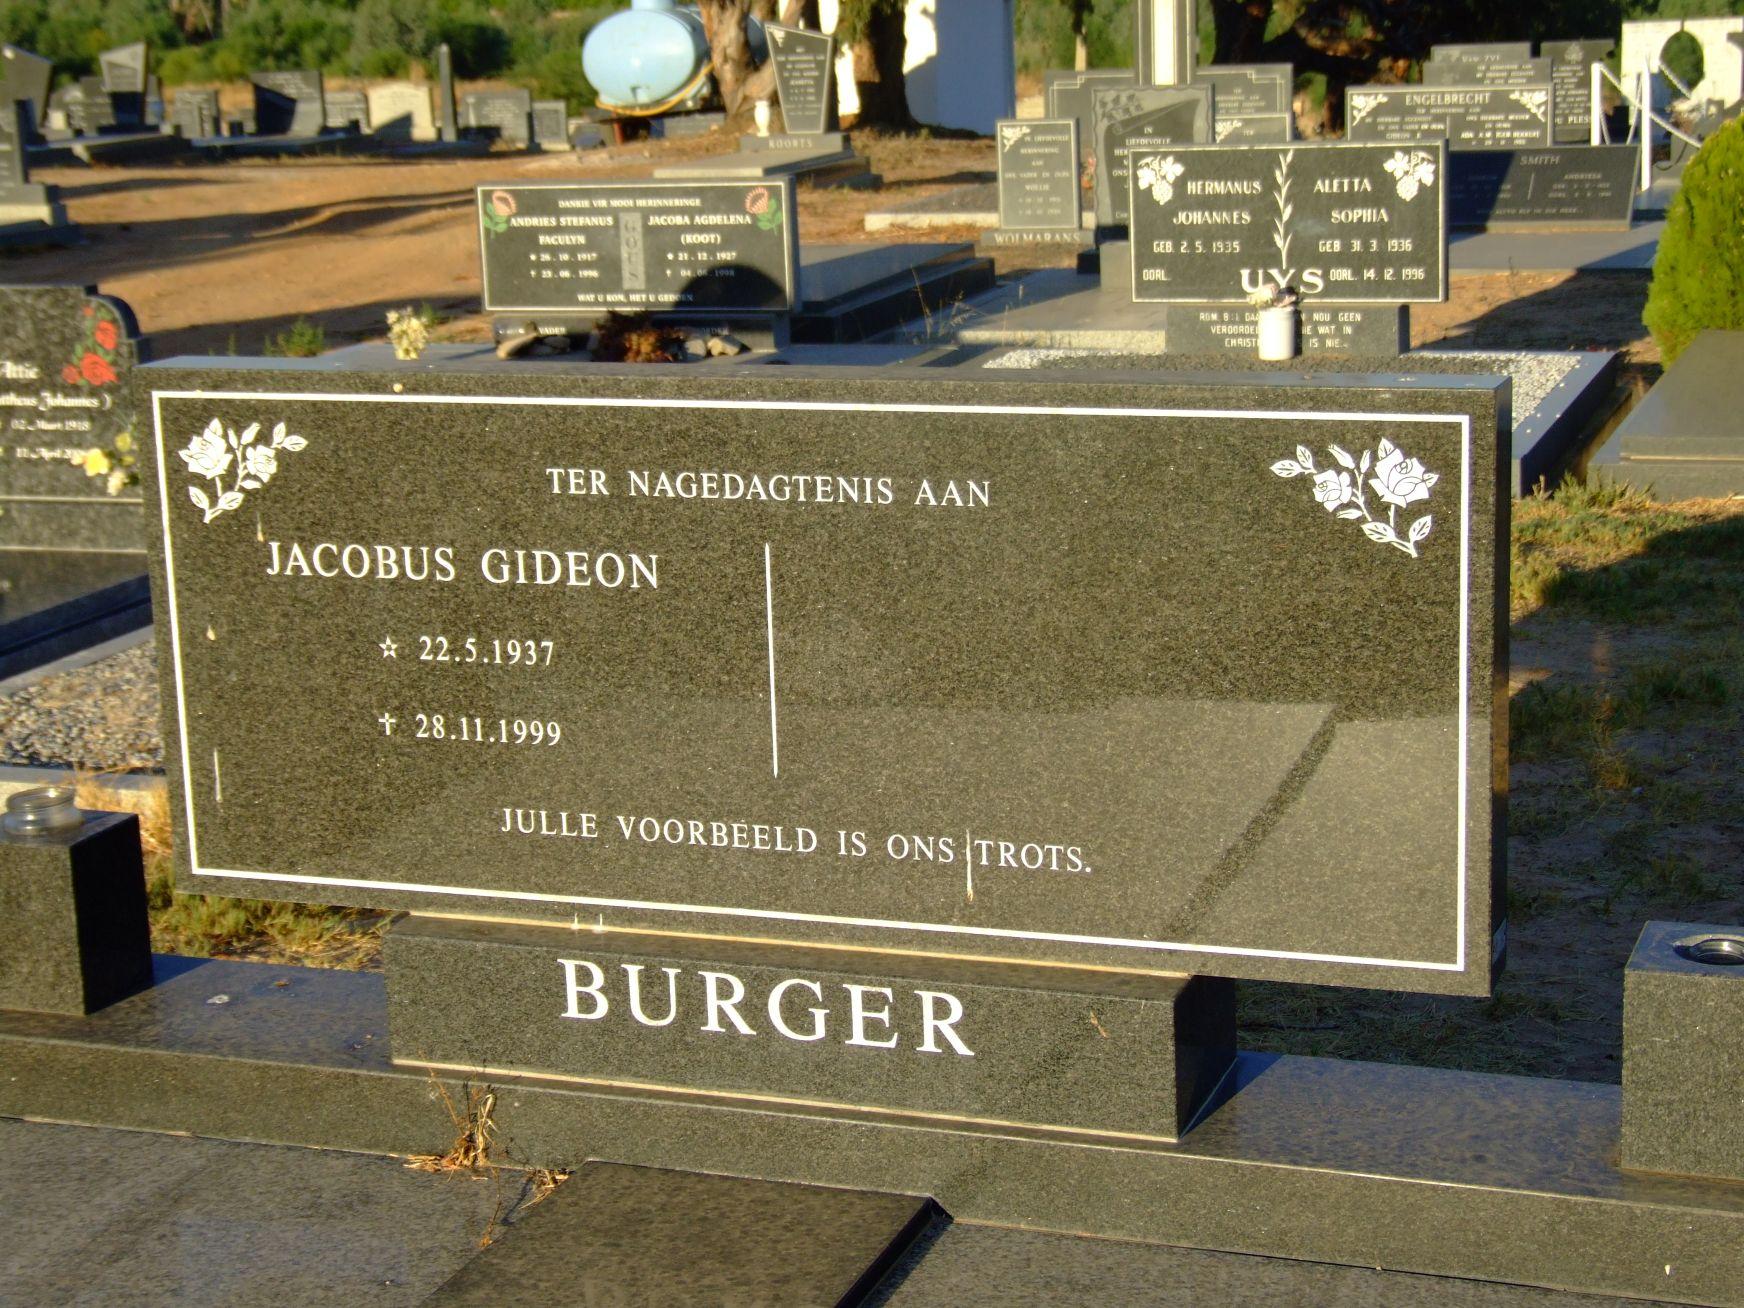 Burger, Jacobus Gideon